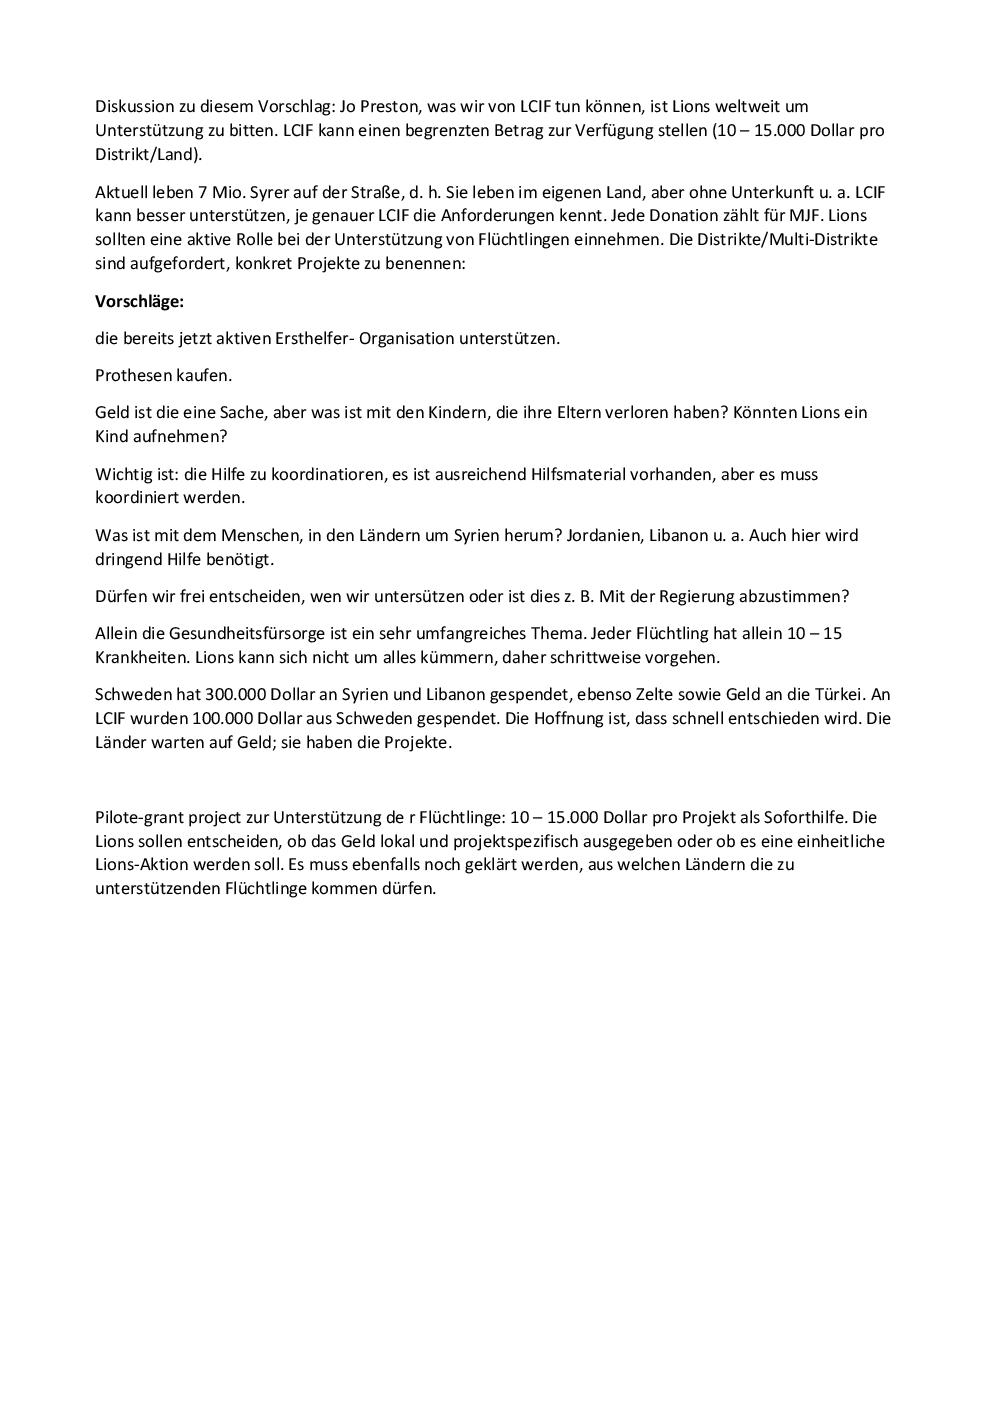 Perfect Grant Vorschlag Brief Crest - FORTSETZUNG ARBEITSBLATT ...